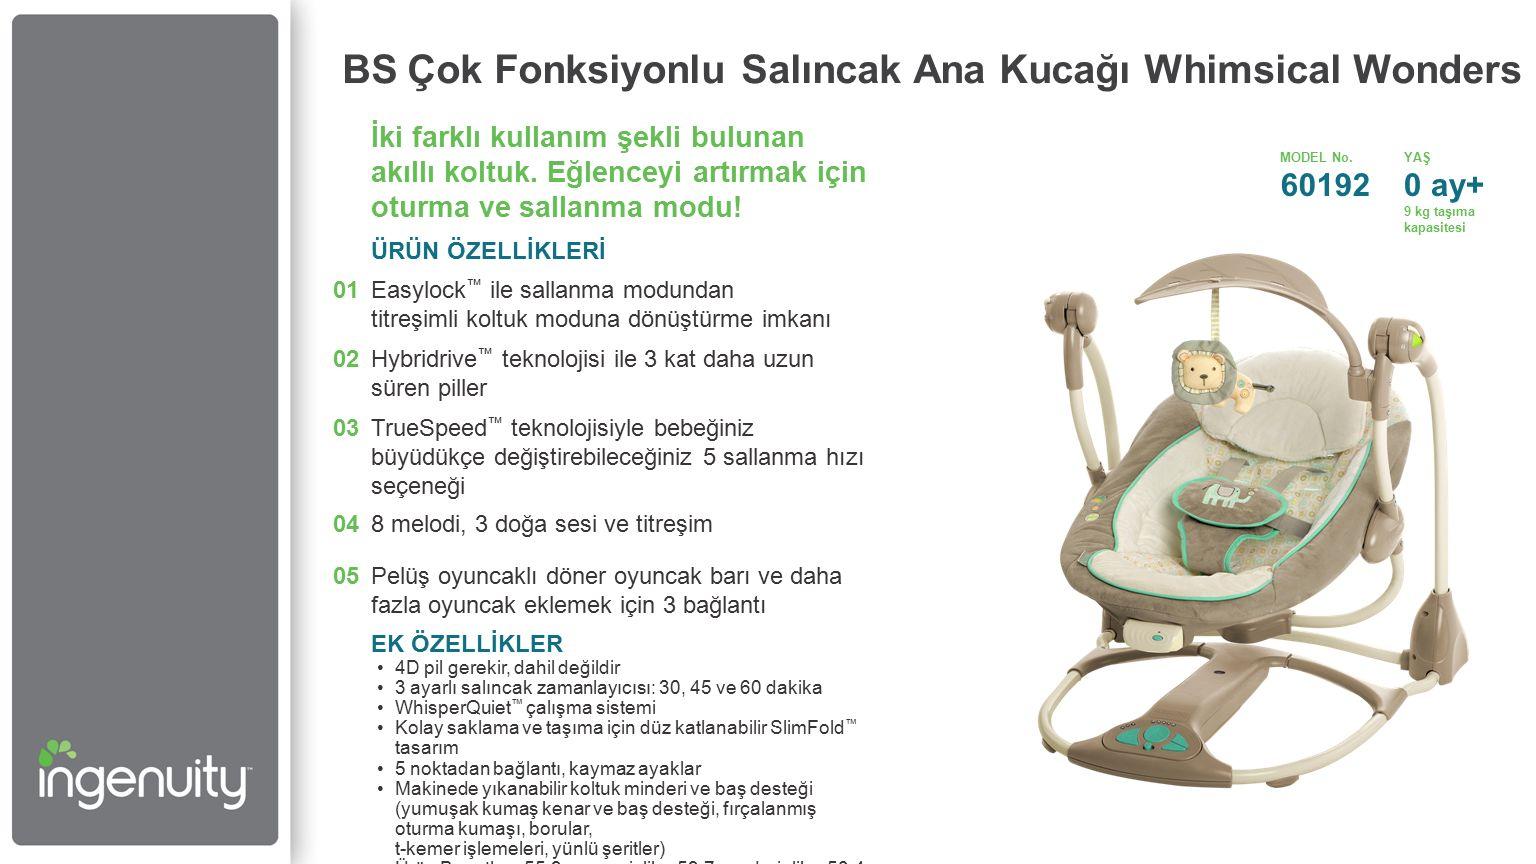 BS Çok Fonksiyonlu Salıncak Ana Kucağı Whimsical Wonders İki farklı kullanım şekli bulunan akıllı koltuk.